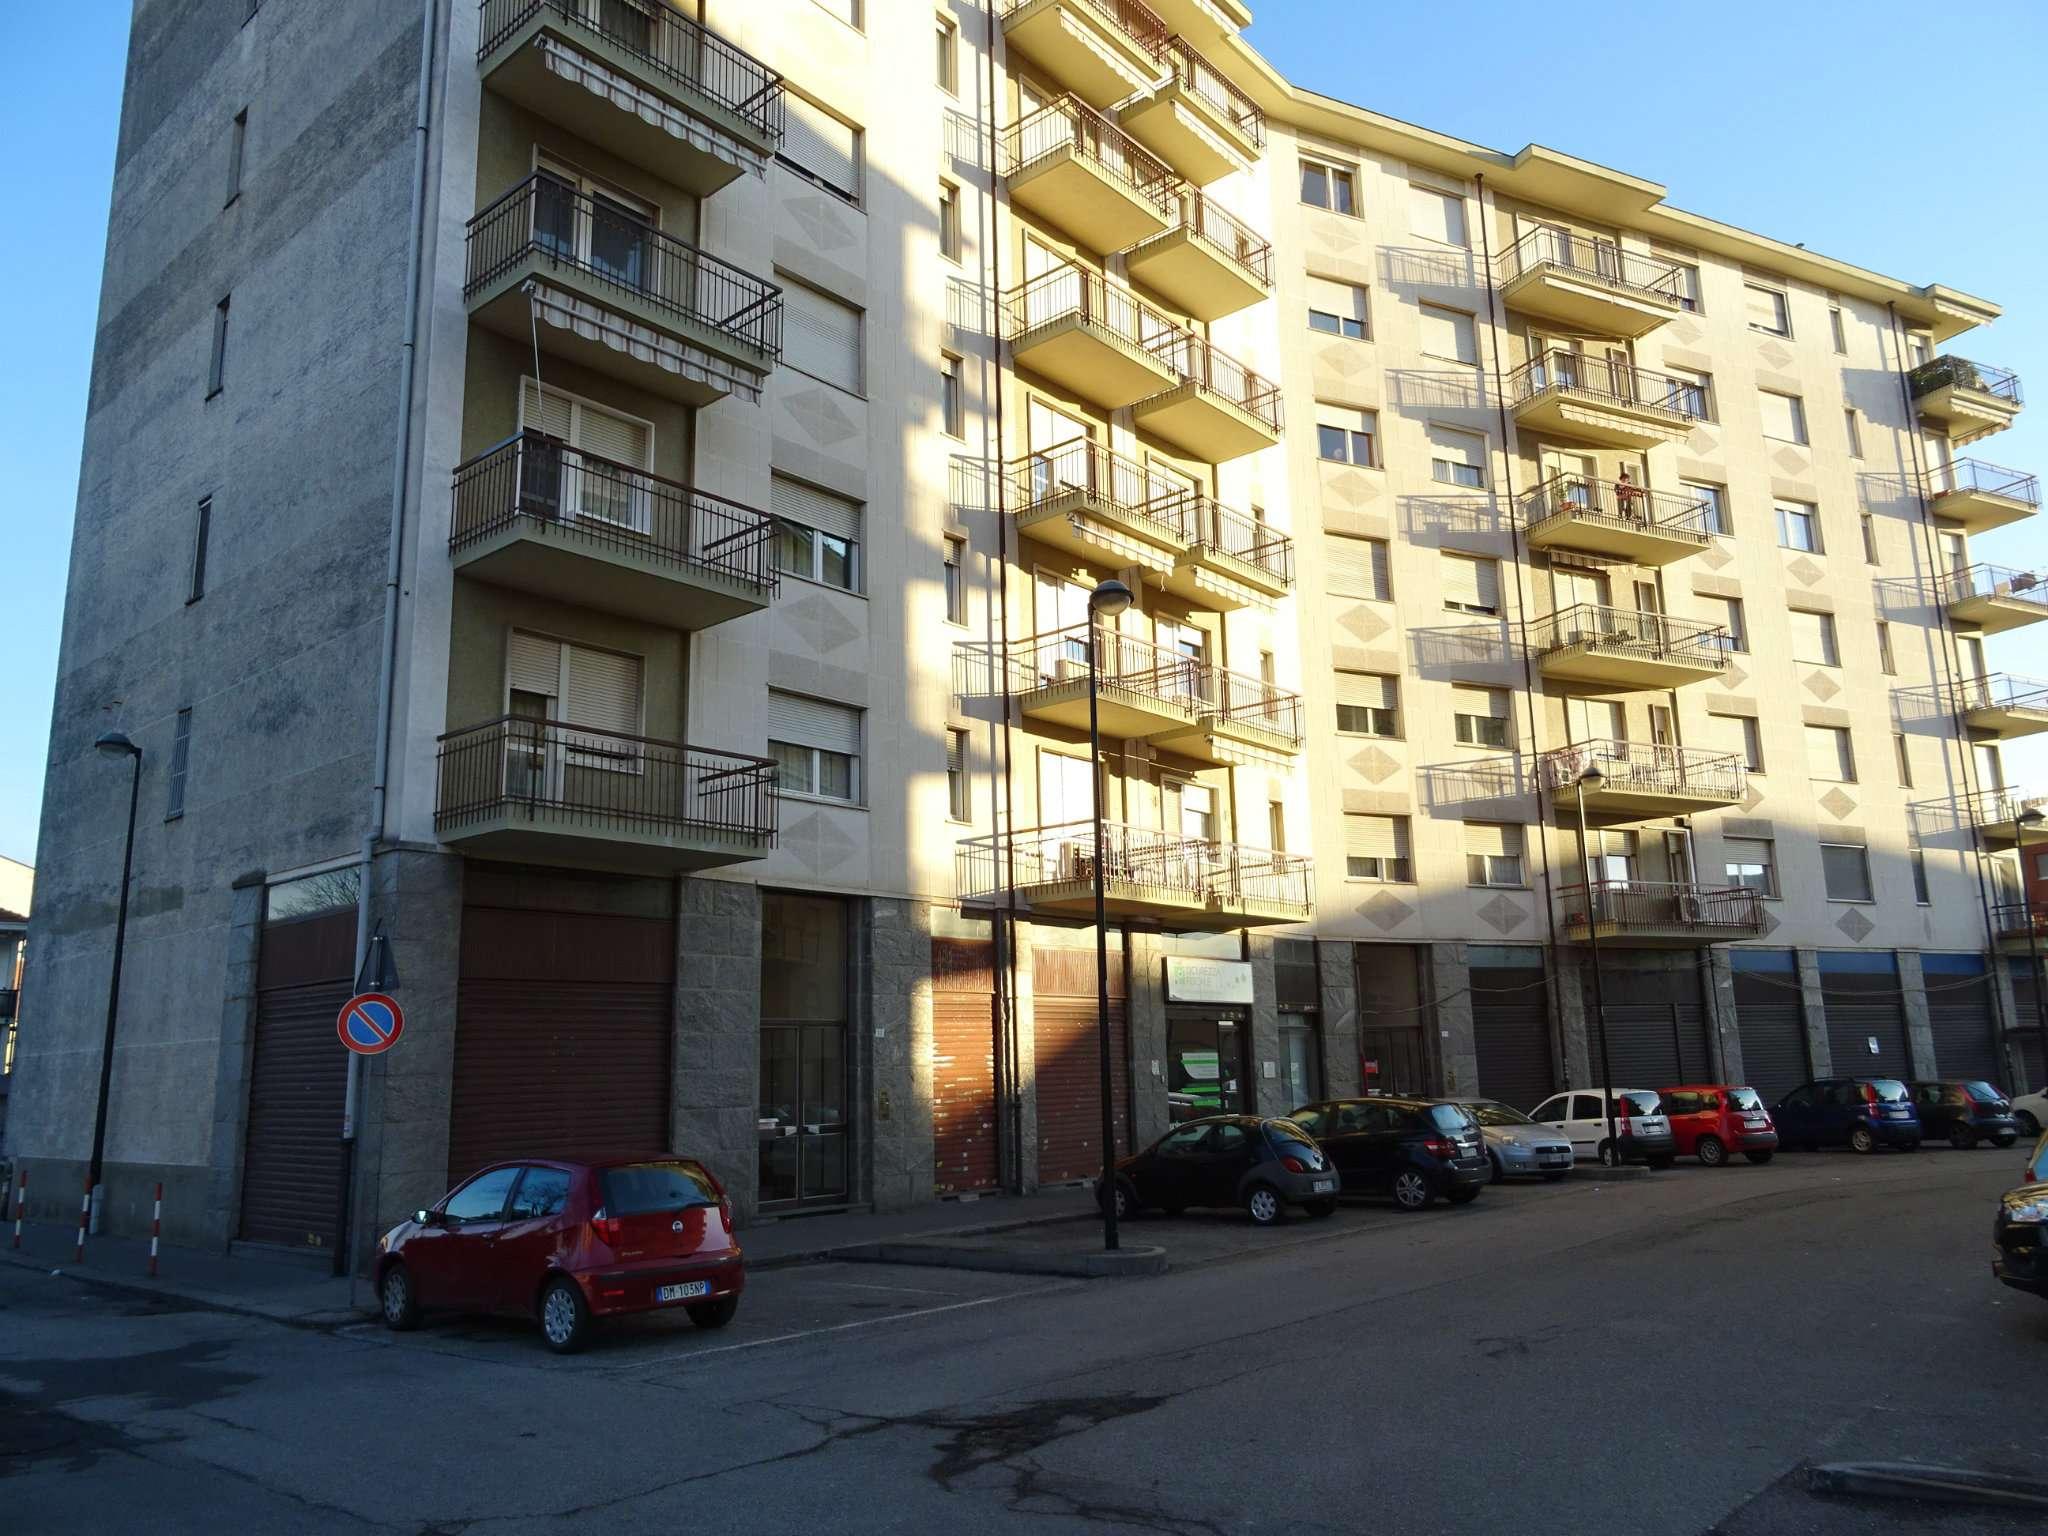 Immagine immobiliare Negozio con magazzino Nei pressi di Strada Torino, a poca distanza dal Comune di Beinasco, vendiamo un negozio ampio e luminoso con locale a due vetrine, un